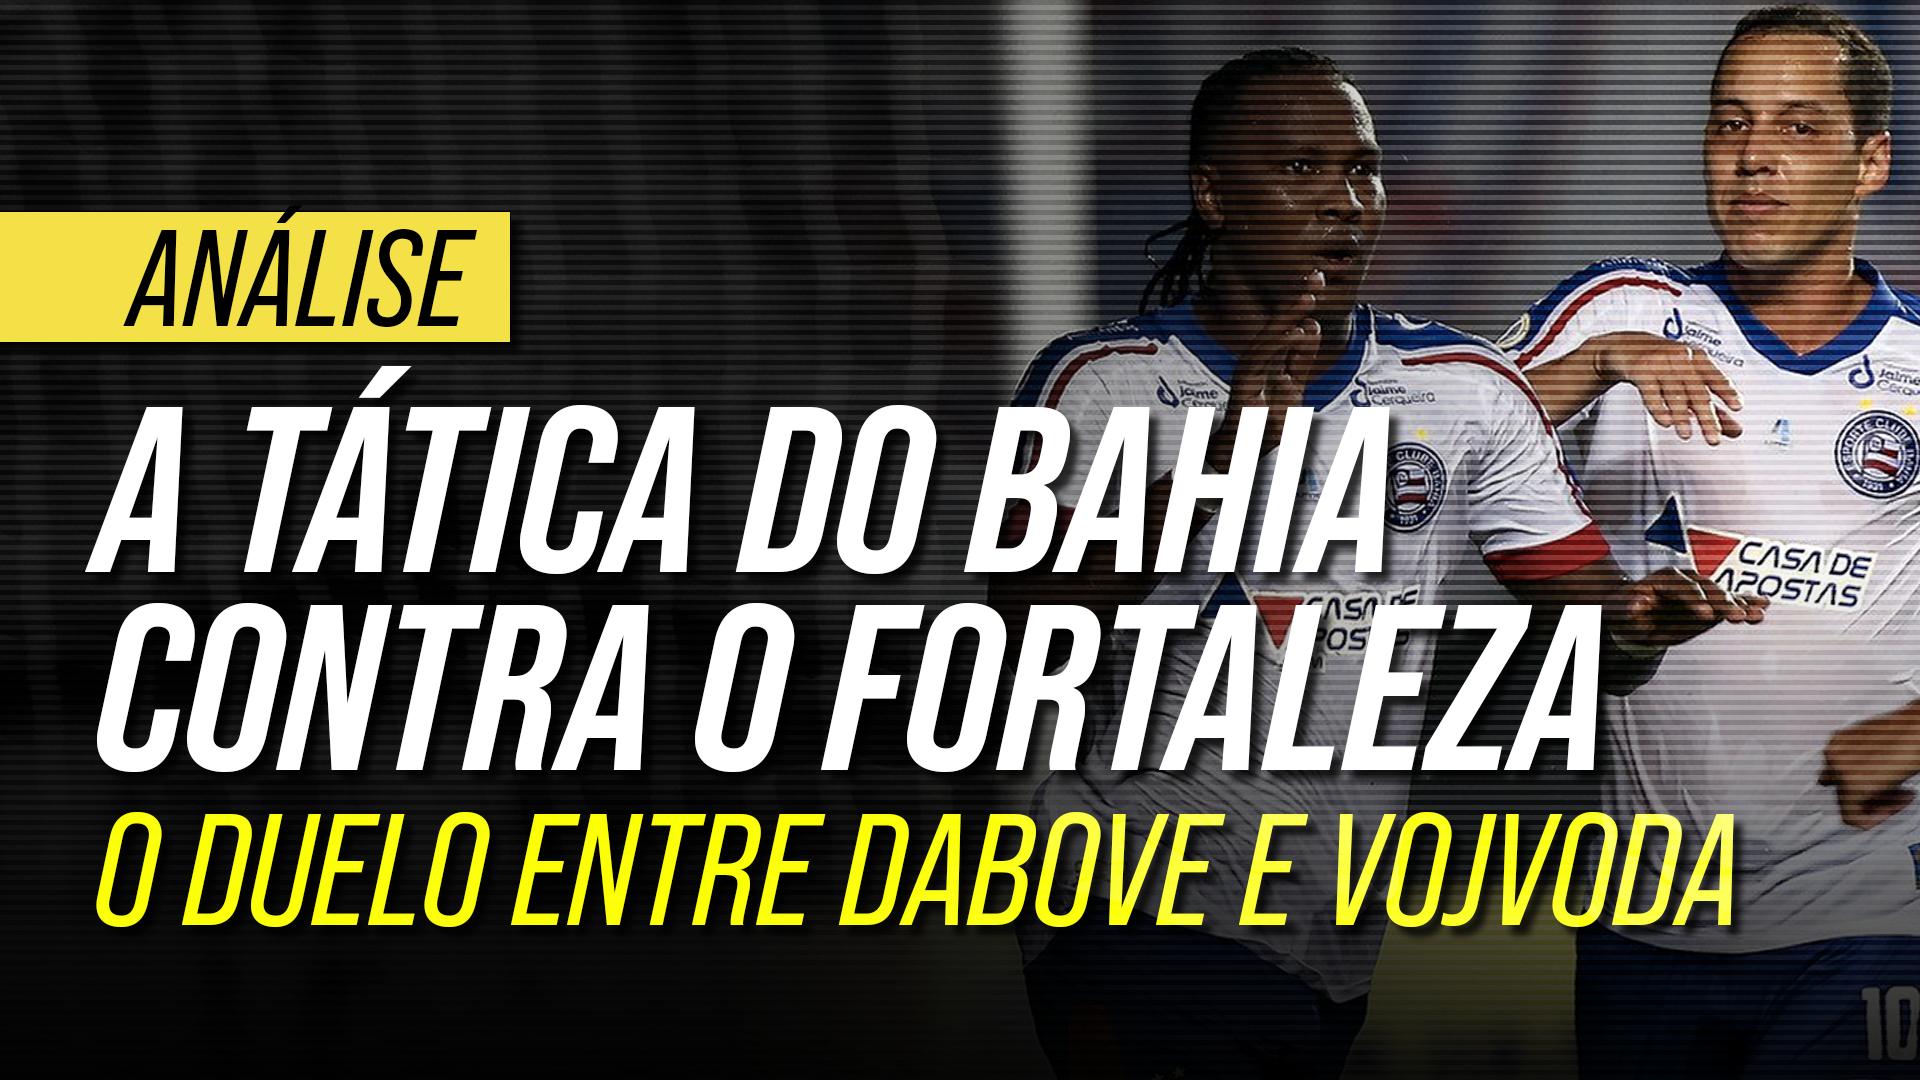 Análise tática de Bahia 4 a 2 Fortaleza: como Dabove venceu Vojvoda em Pituaçu